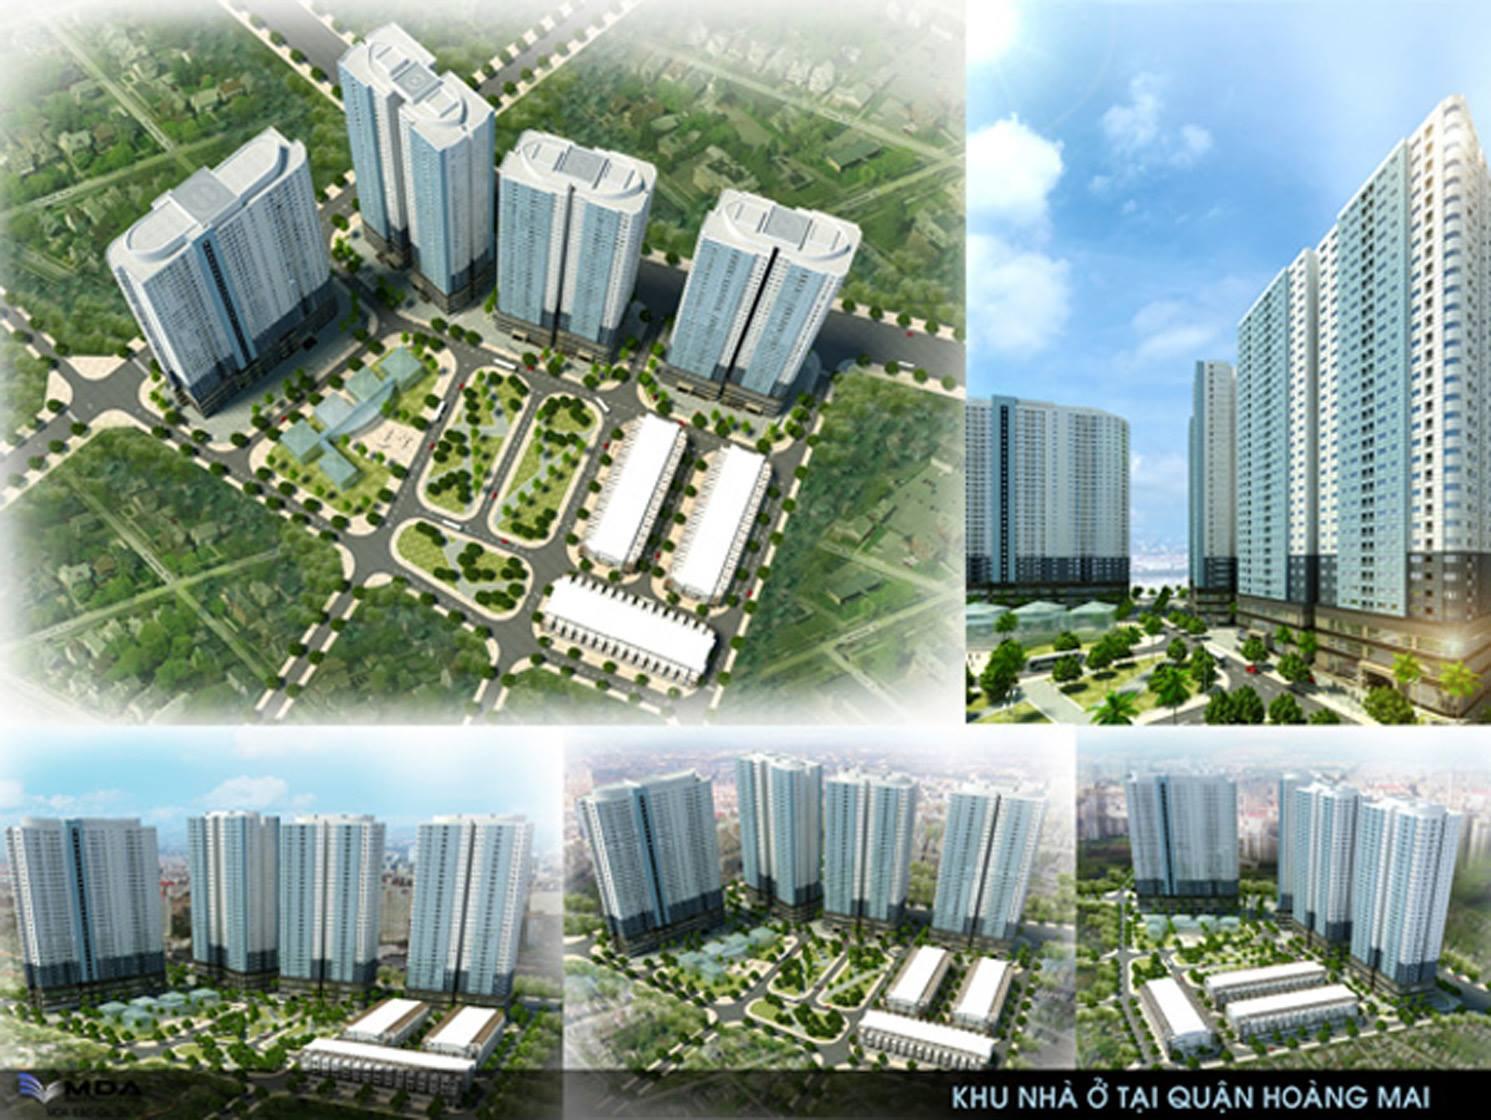 Bảng giá biệt thự, chung cư Gelexia Riverside  - Geleximco 885 Tam Trinh